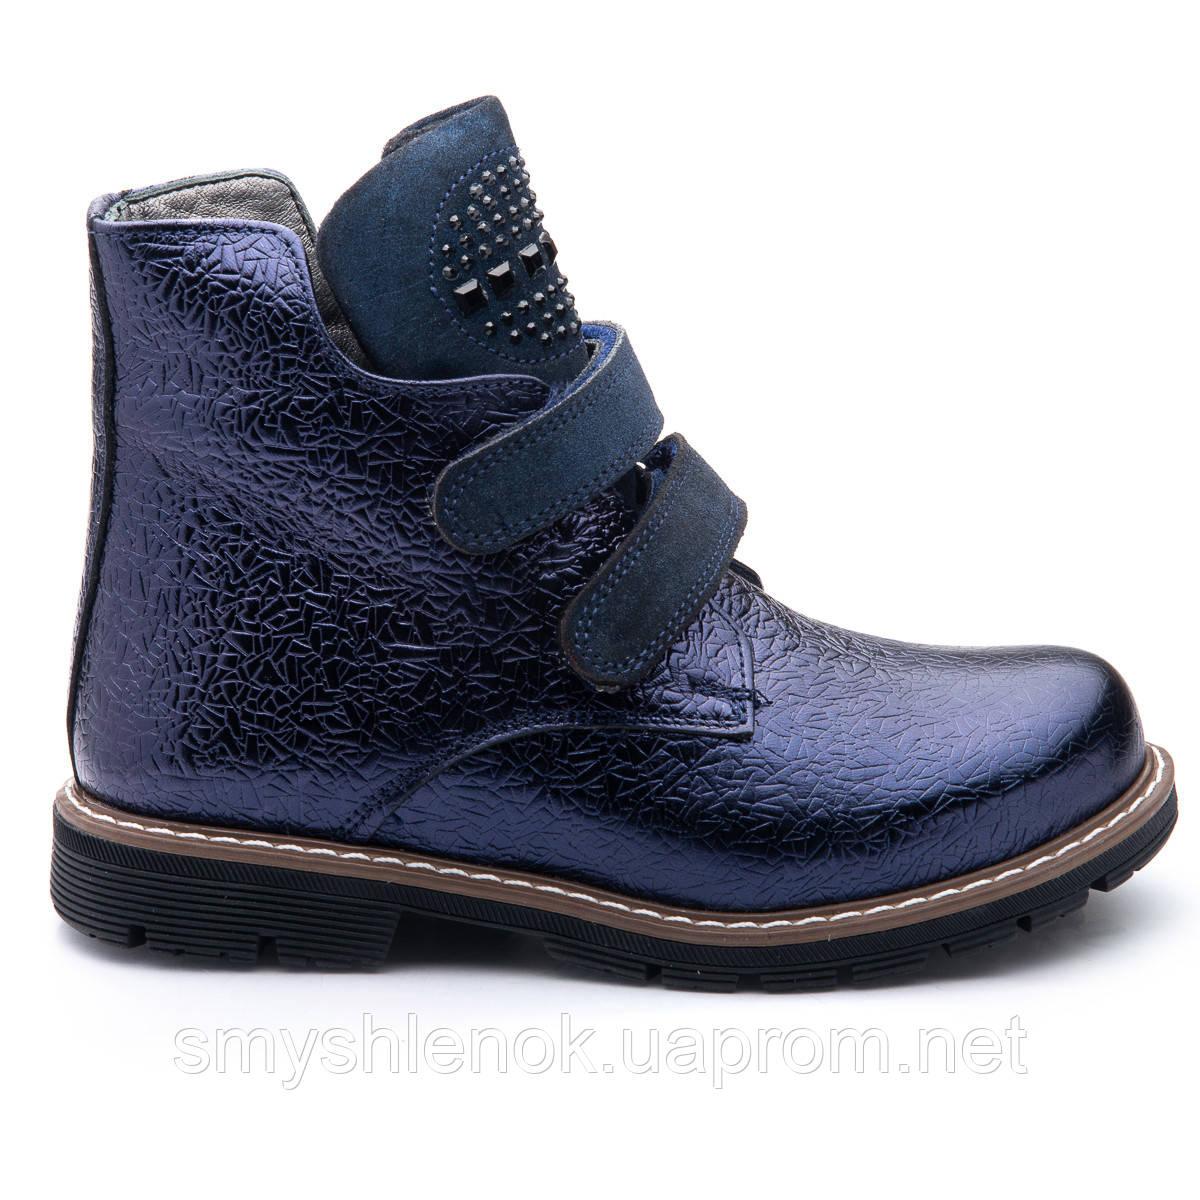 Ботинки Theo Leo RN823 26 17 см Синие